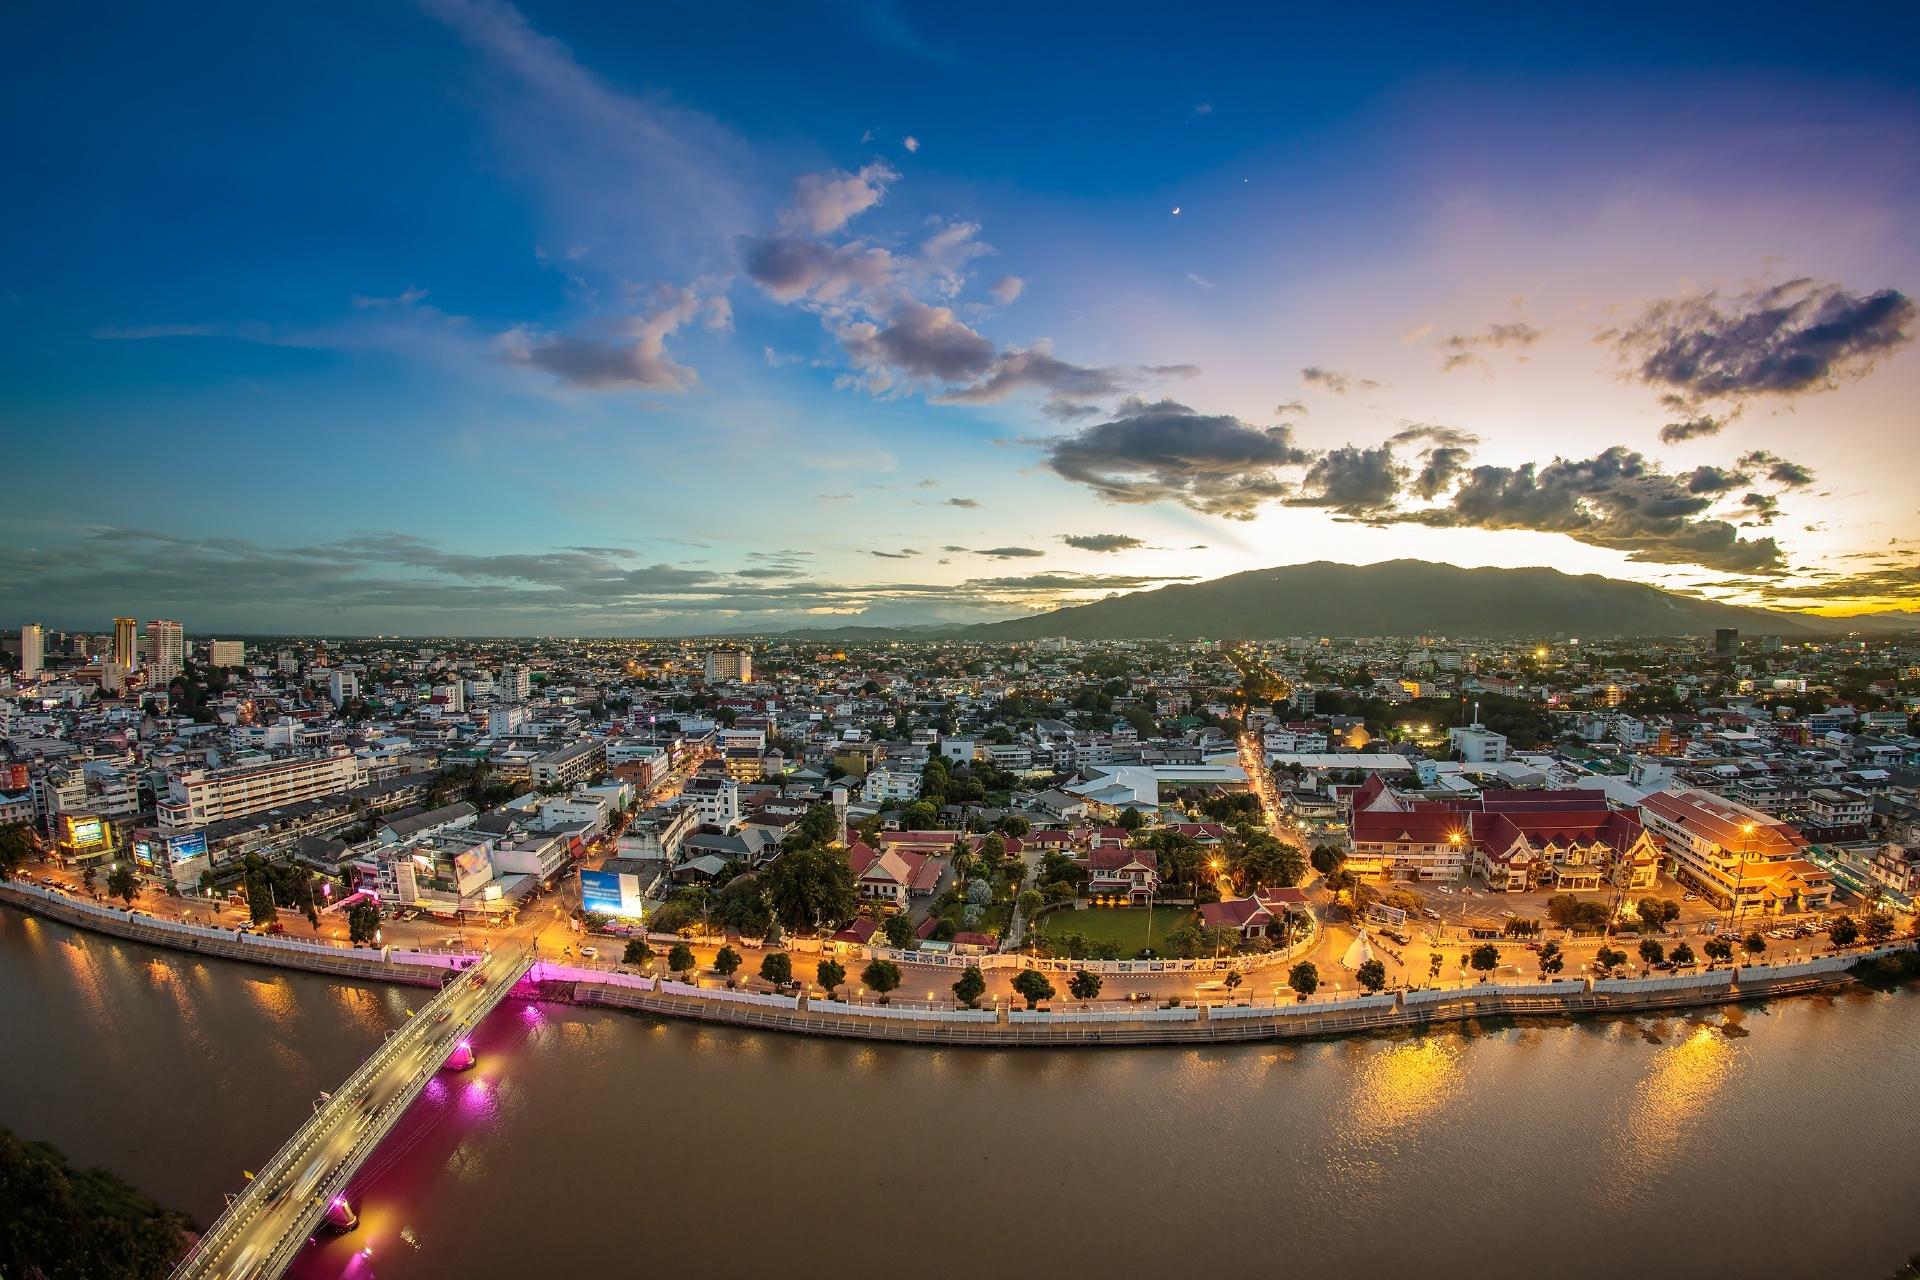 夕暮れのチェンマイの街並み タイの風景